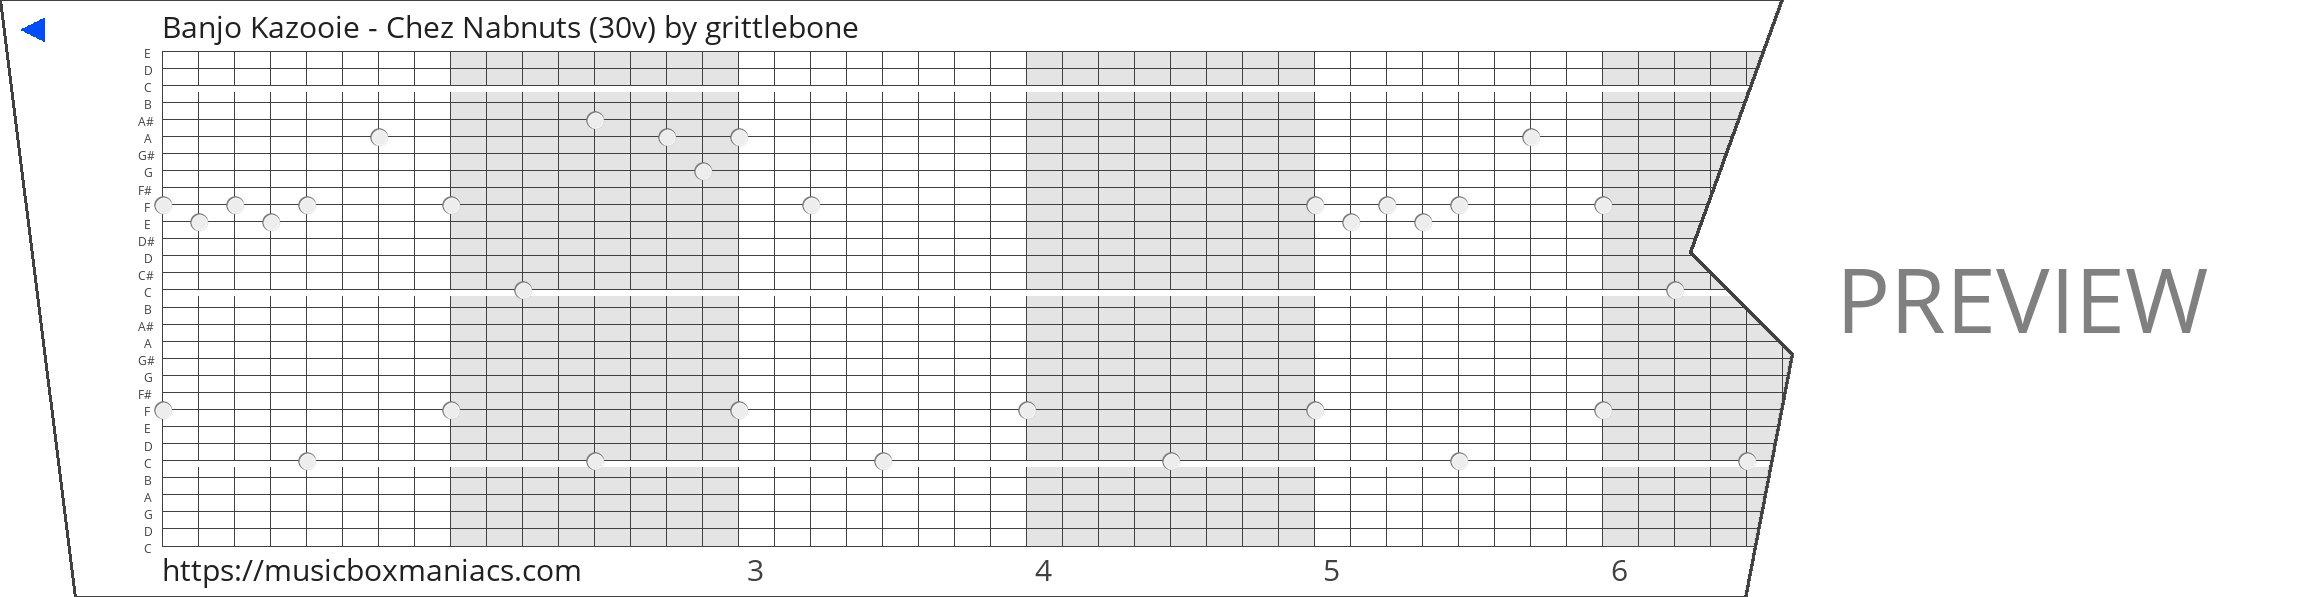 Banjo Kazooie - Chez Nabnuts (30v) 30 note music box paper strip